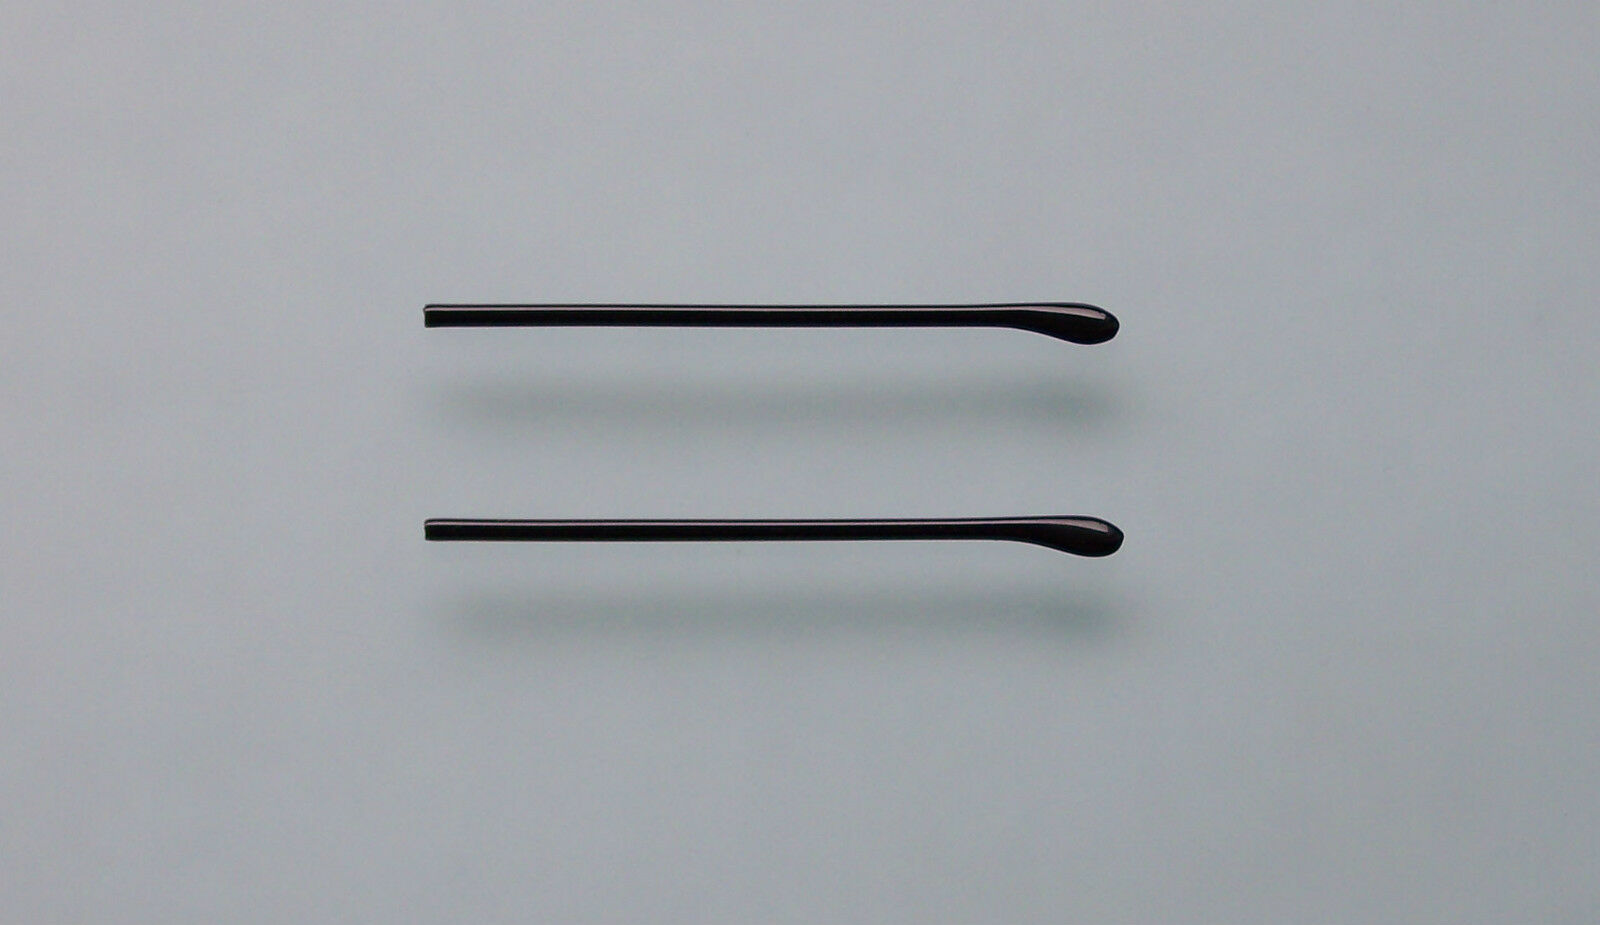 Bügelenden, Brillenende, Brillenbügel, Bügelende, schwarz, schmal, innen 1,05 mm